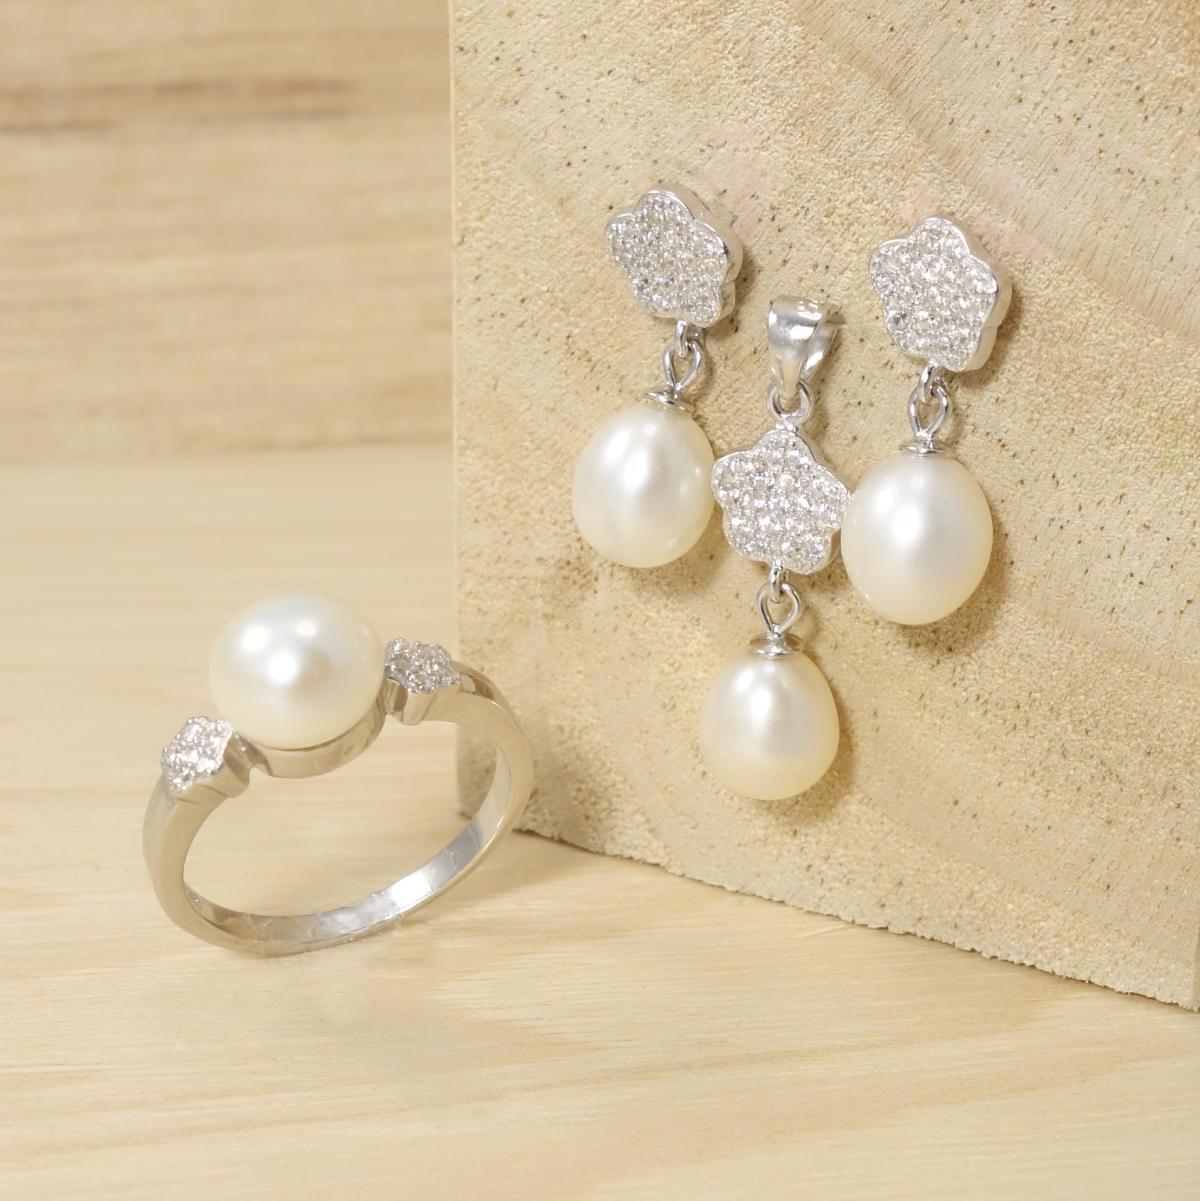 Conjunto Completo para Celebraciones o Novia con Perlas y Circonitas en Gargantilla,Pendientes y Anillo de Plata de Ley 925